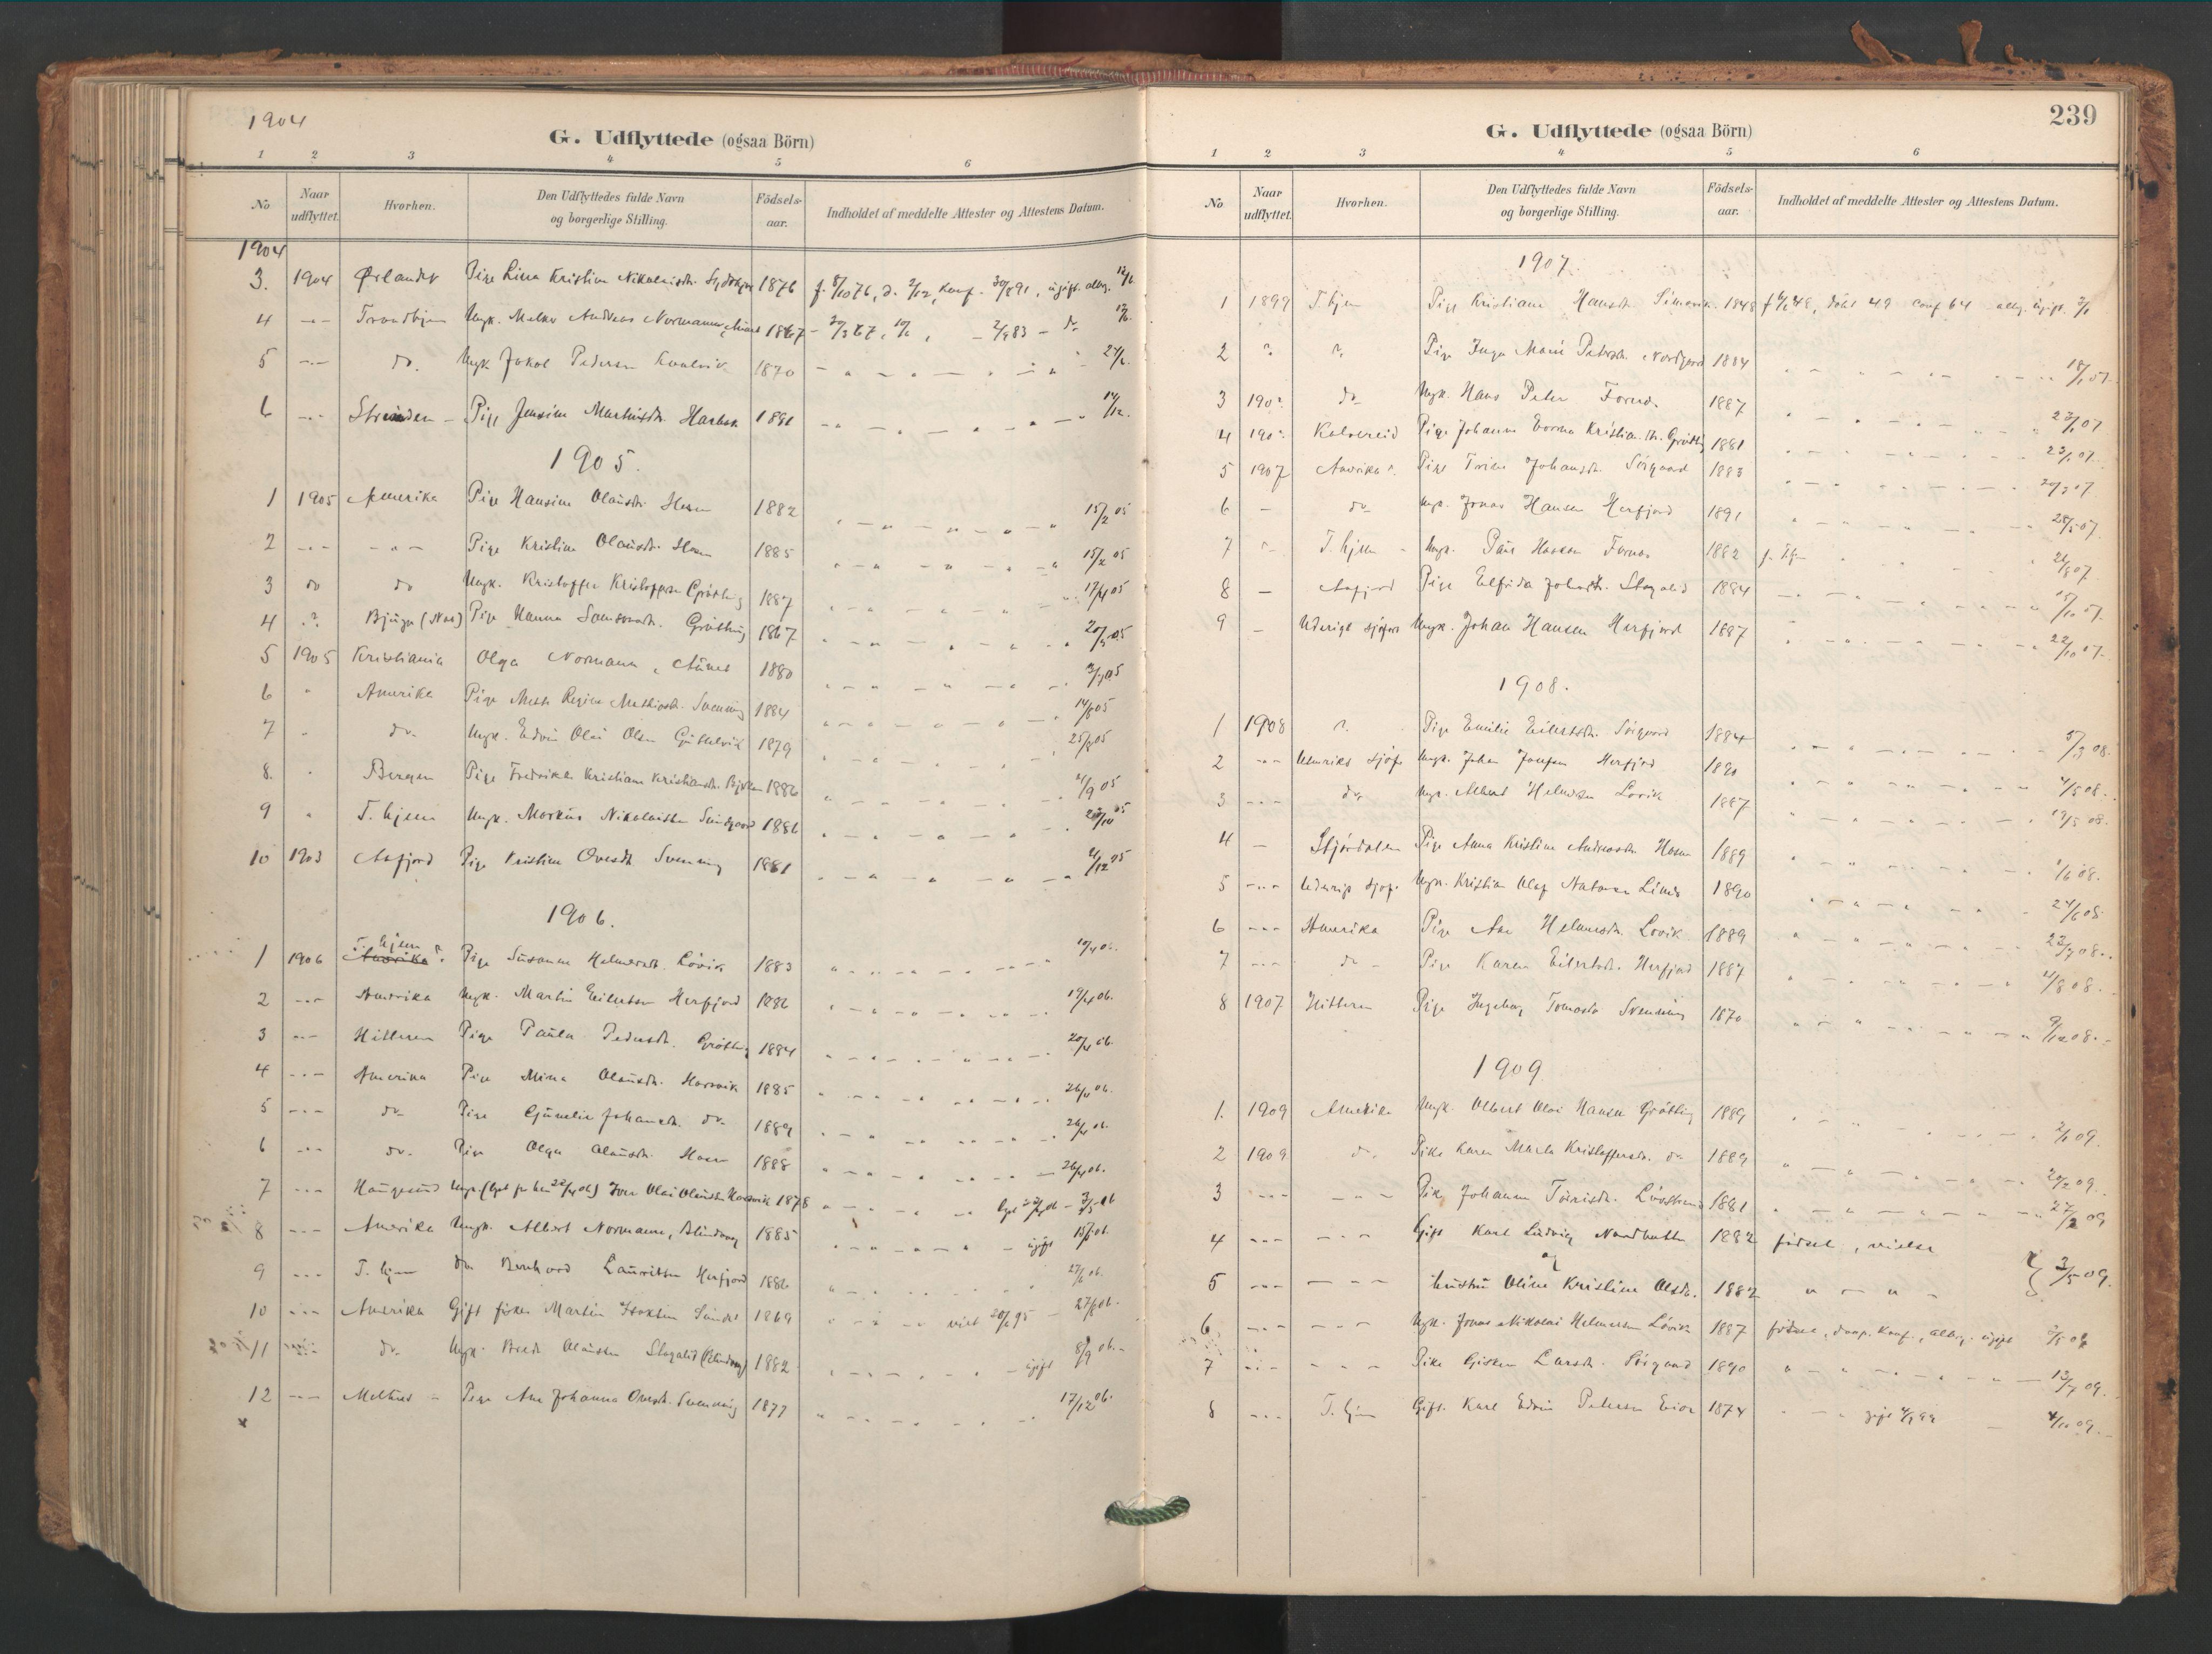 SAT, Ministerialprotokoller, klokkerbøker og fødselsregistre - Sør-Trøndelag, 656/L0693: Ministerialbok nr. 656A02, 1894-1913, s. 239